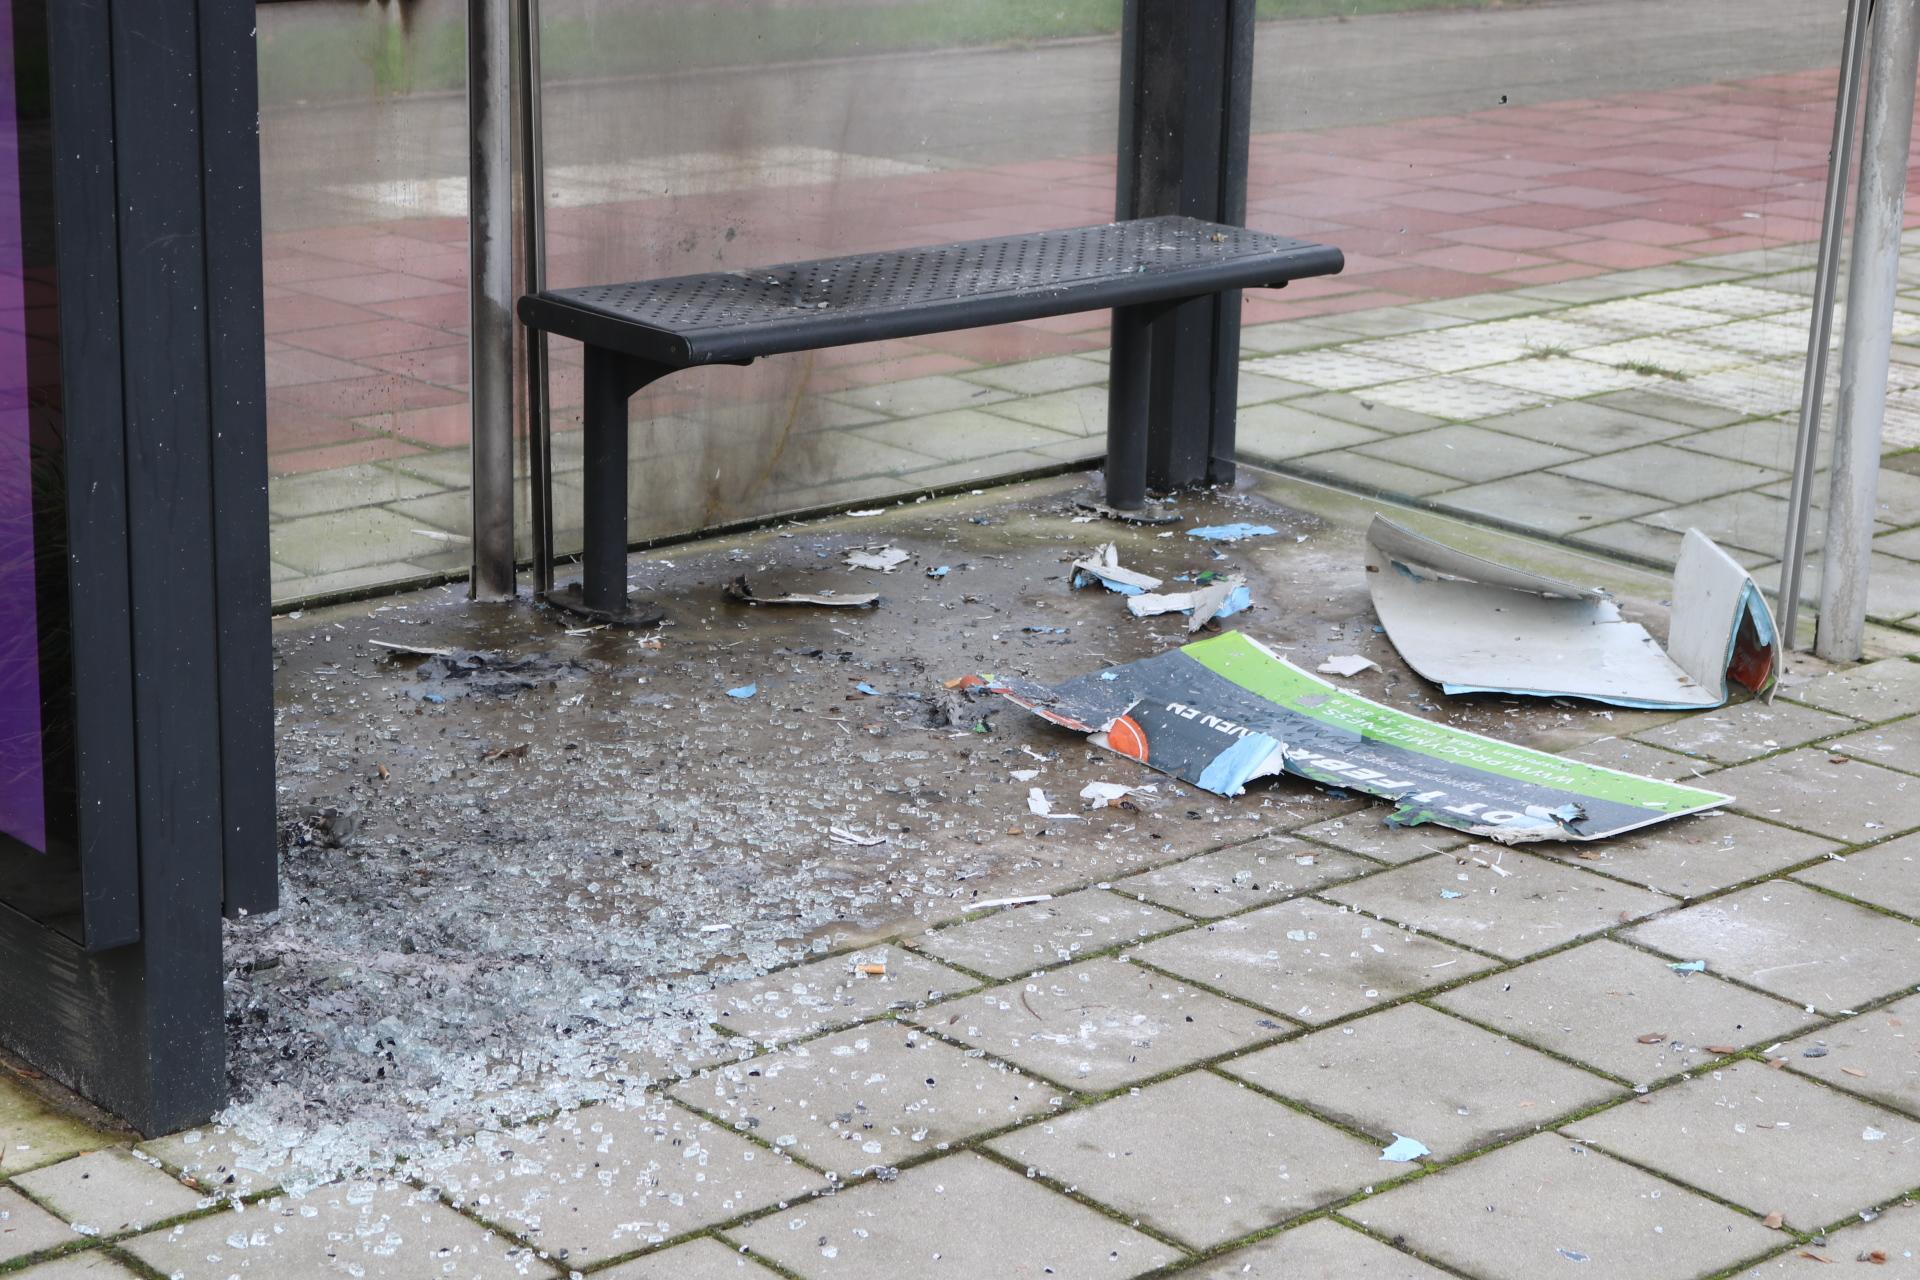 Grove vernielingen met illegaal vuurwerk in Hillegom